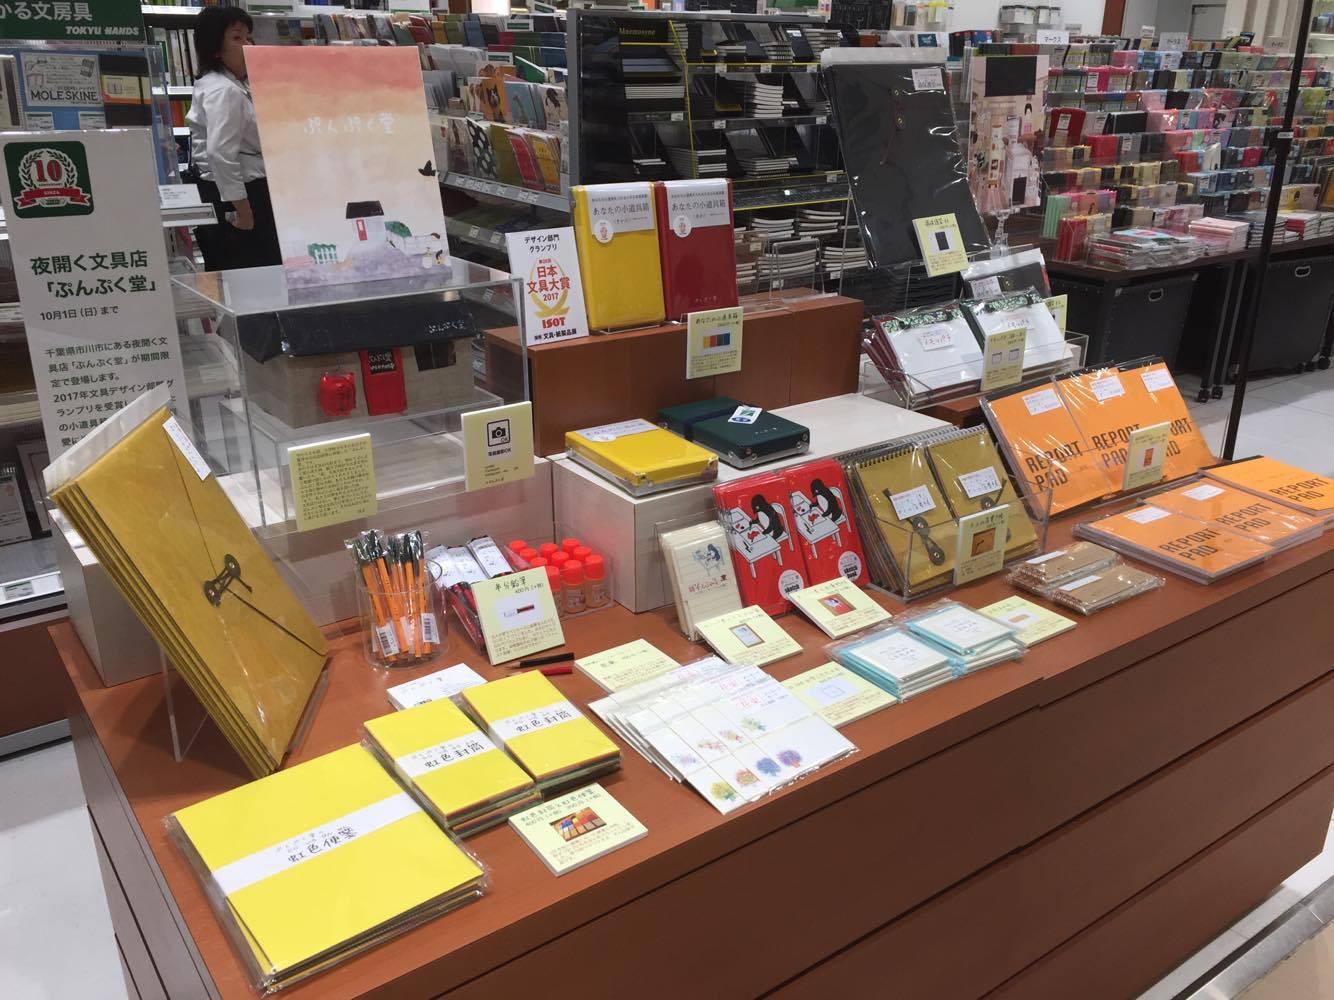 【東急ハンズ銀座店10周年記念イベント】ぷんぷく堂登場!